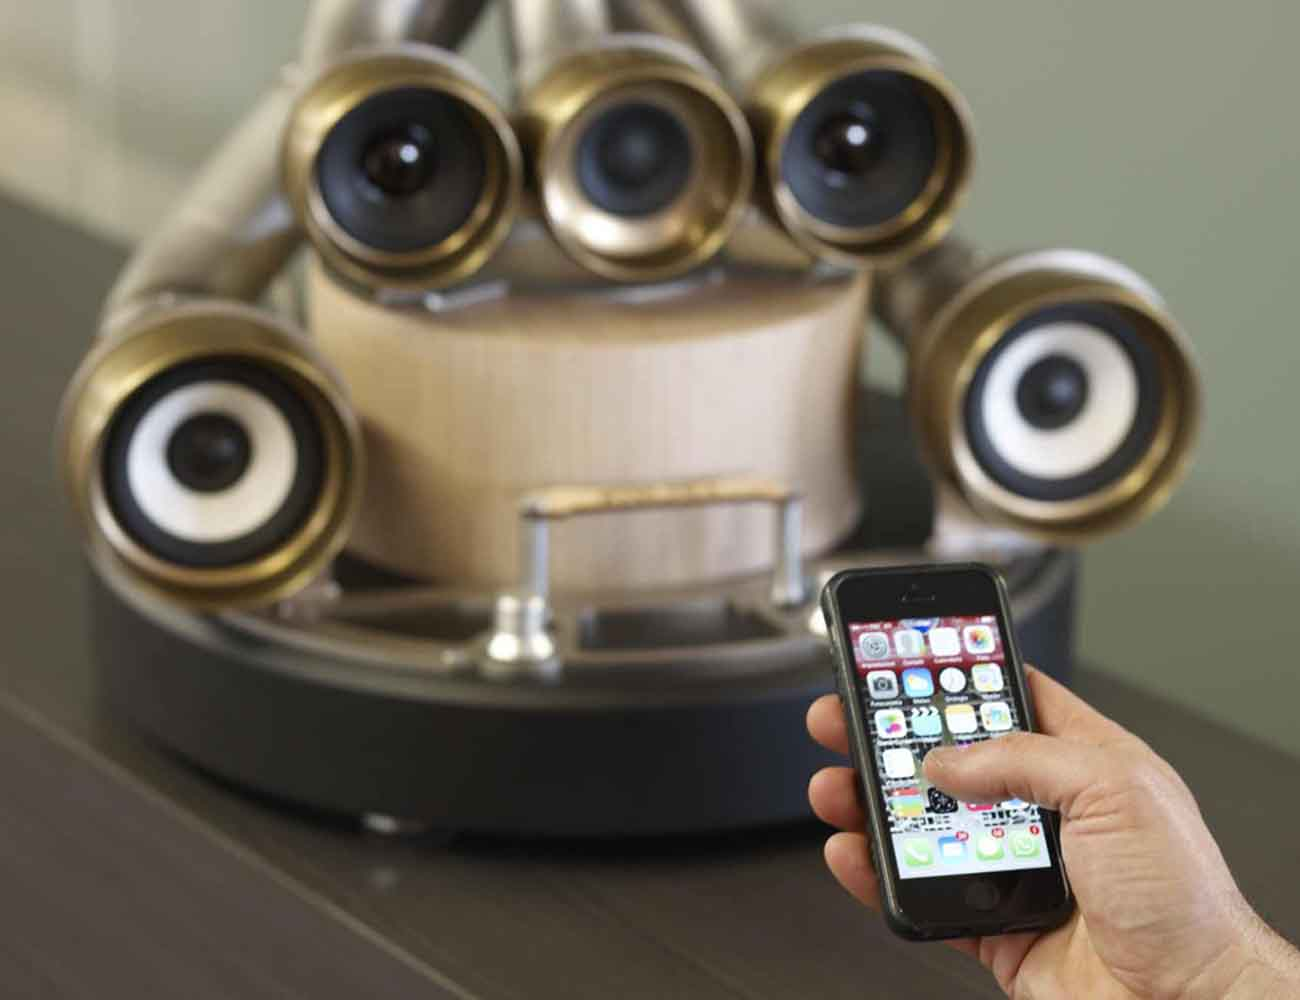 XiLO 5.1 Wireless Audio System by iXOOST